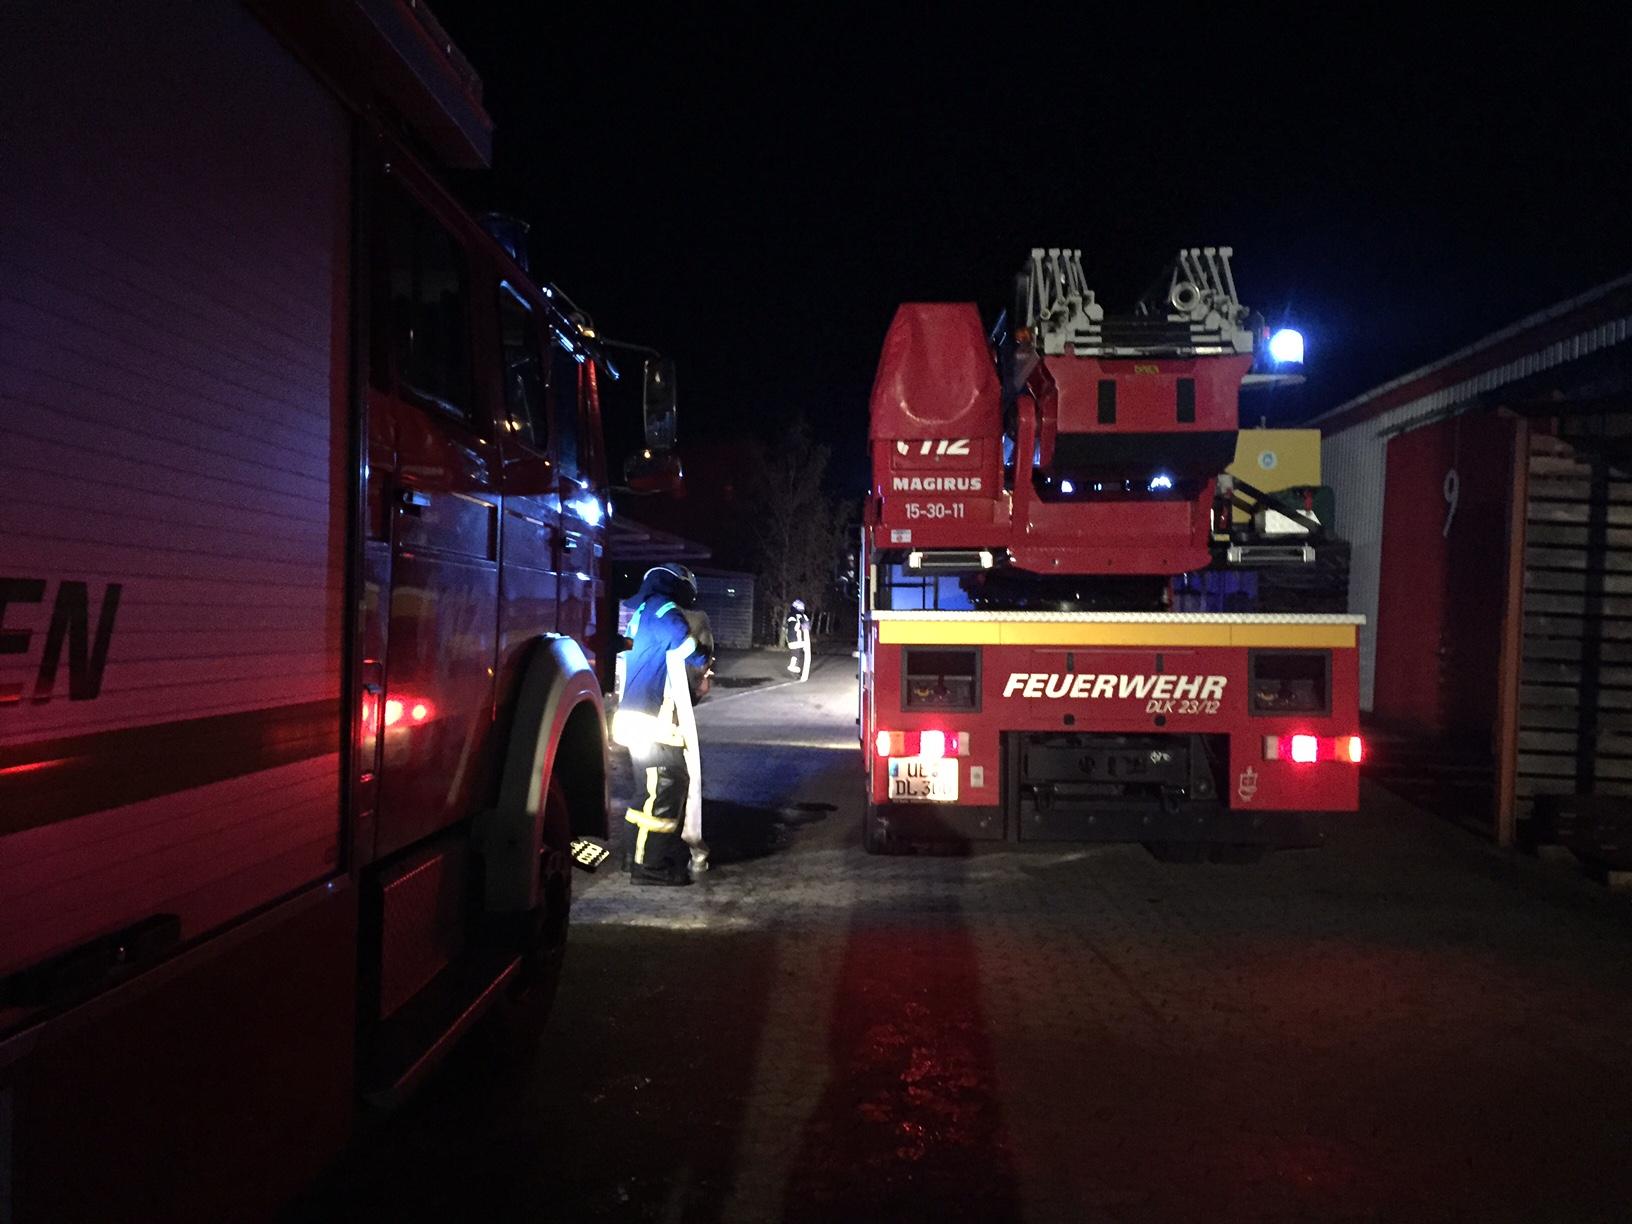 306. F3 - Entstehungsbrand in Lagerhalle